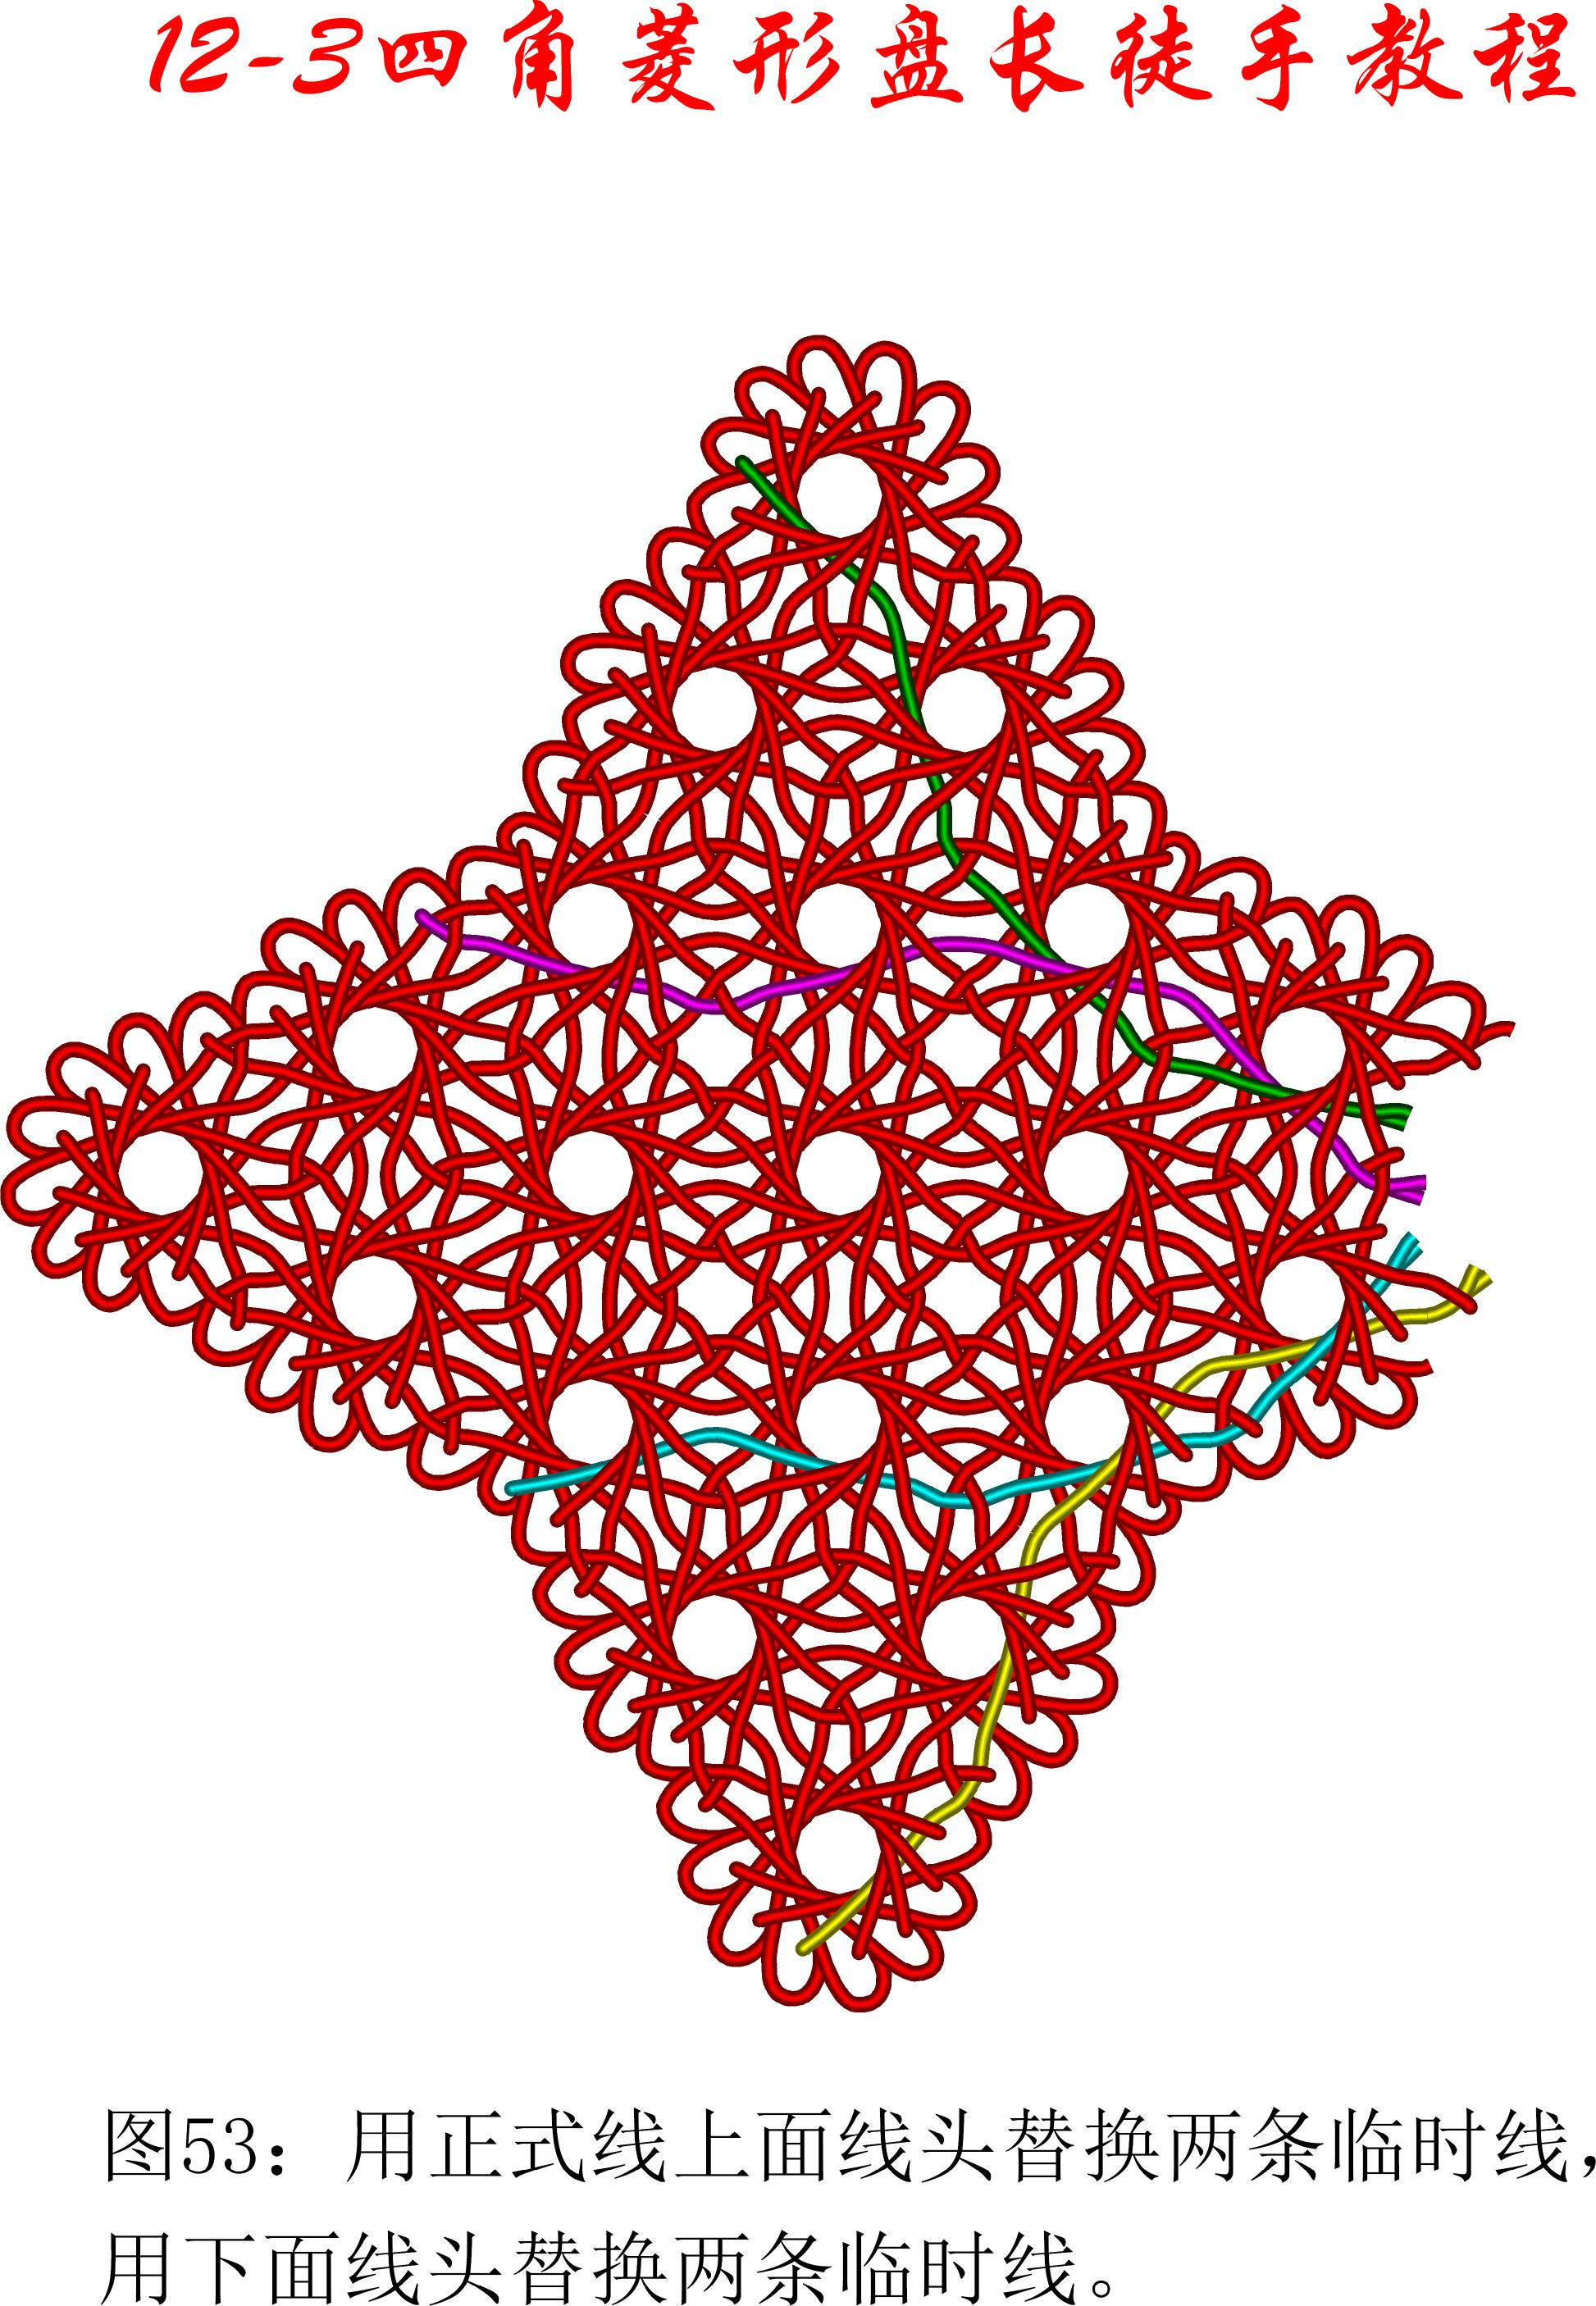 中国结论坛 12-3四角菱形盘长徒手教程 教程,菱形实心花的编织图解,长方形做菱形怎么做,长方形分菱形图解,菱形四边一样长吗 丑丑徒手编结 133854p188u808vq8yyv1i